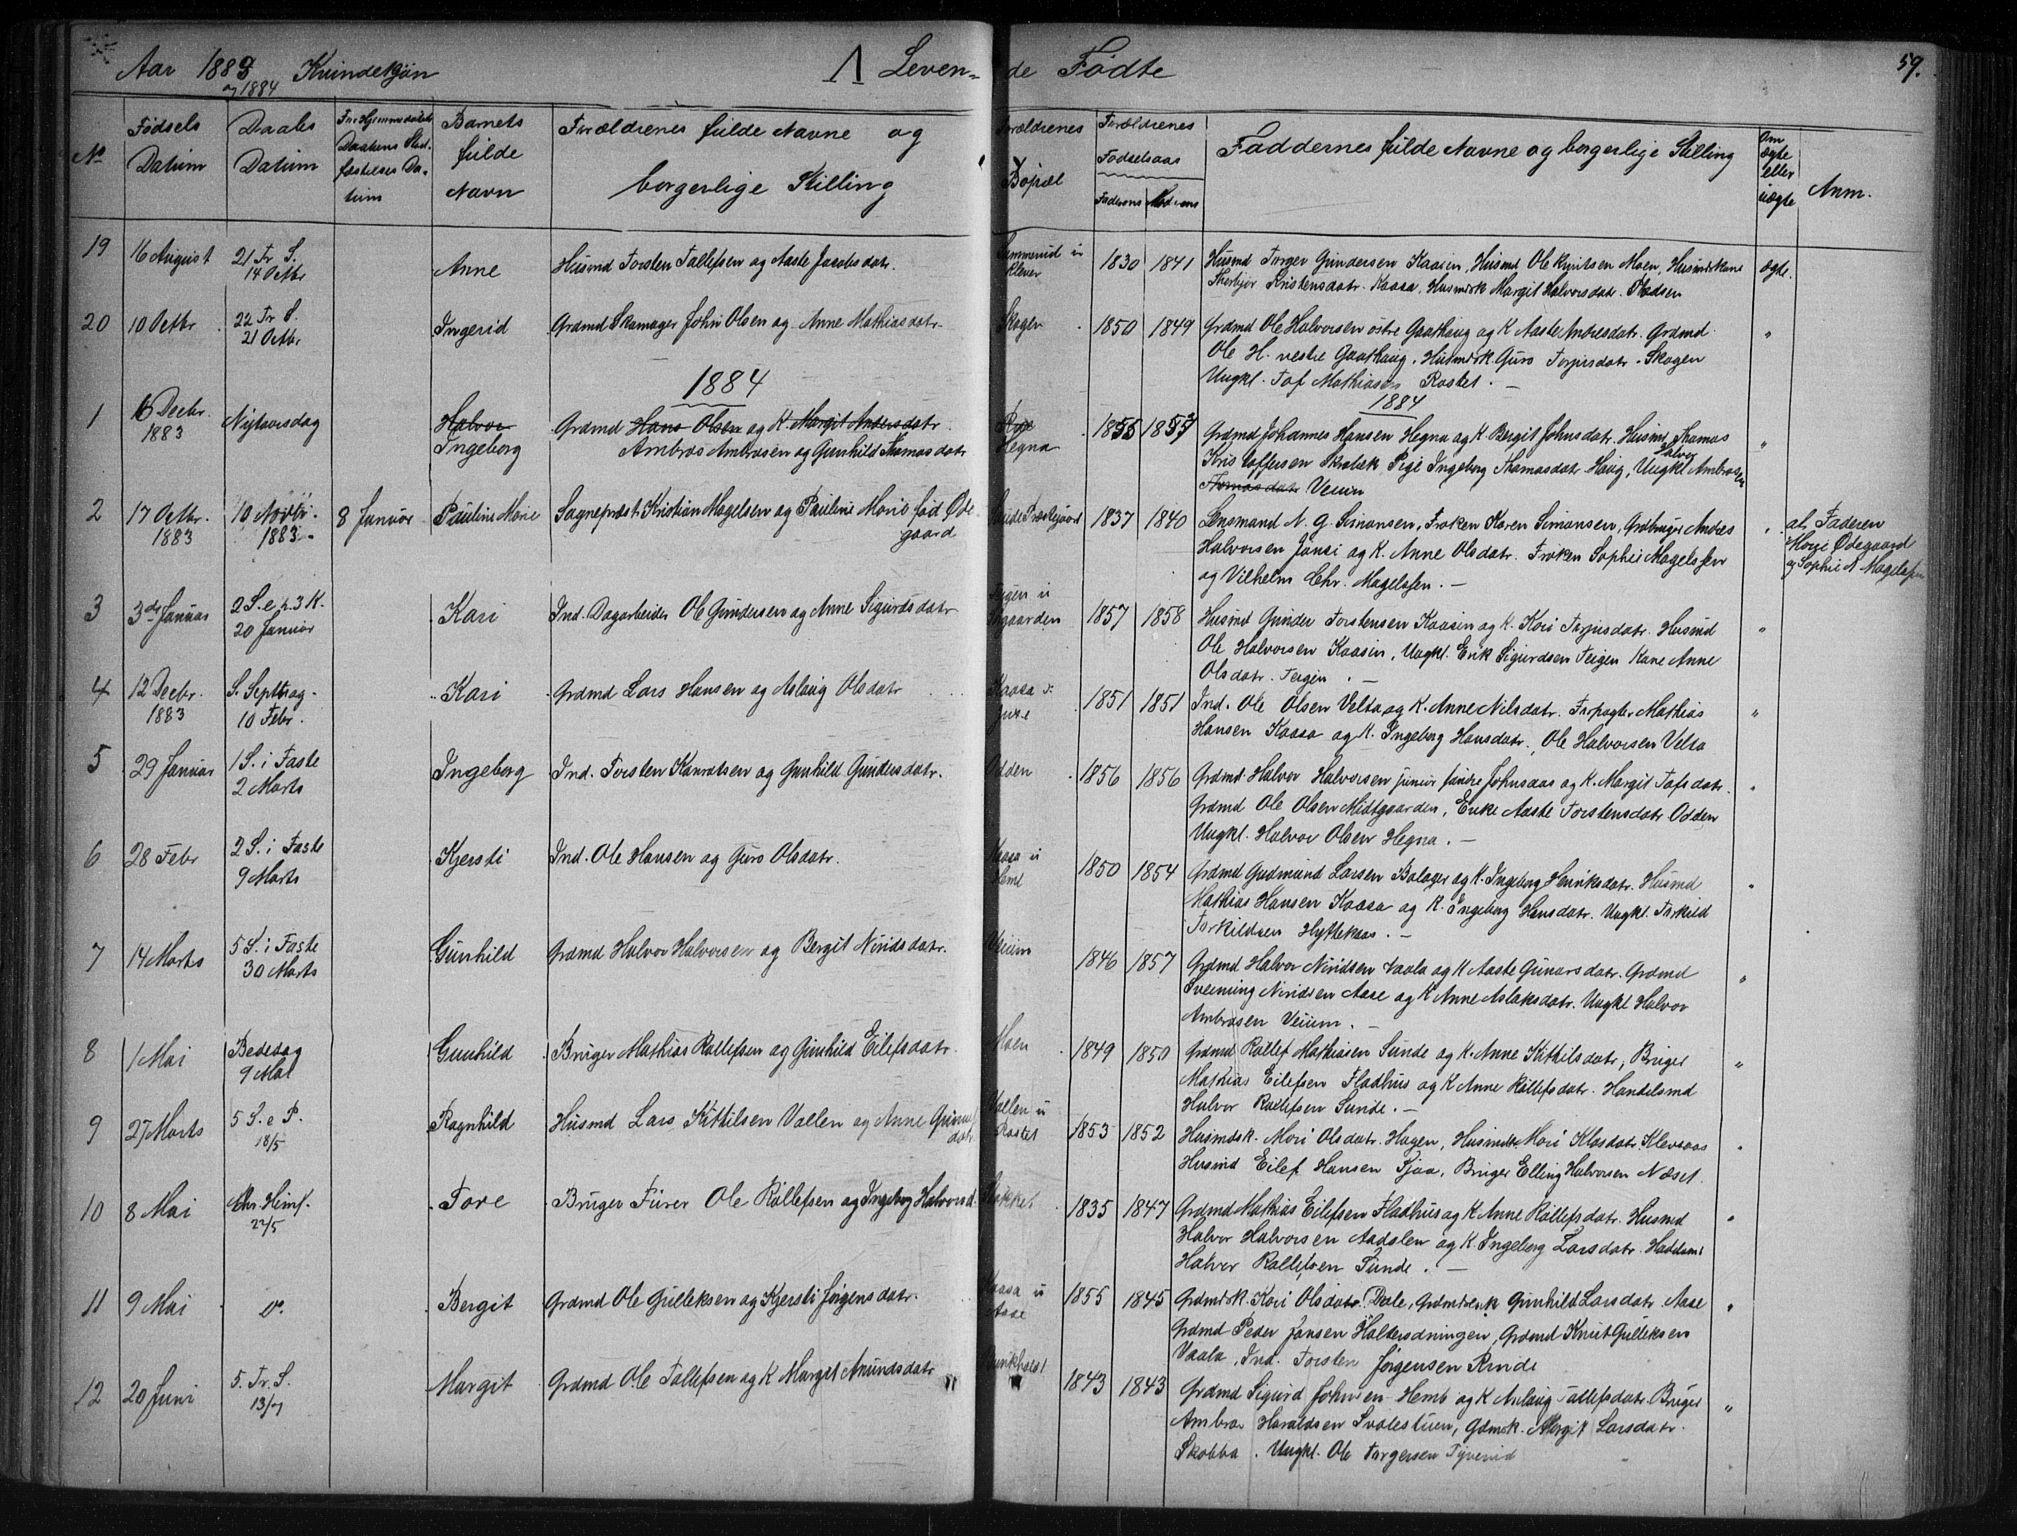 SAKO, Sauherad kirkebøker, G/Ga/L0003: Klokkerbok nr. I 3, 1866-1905, s. 59